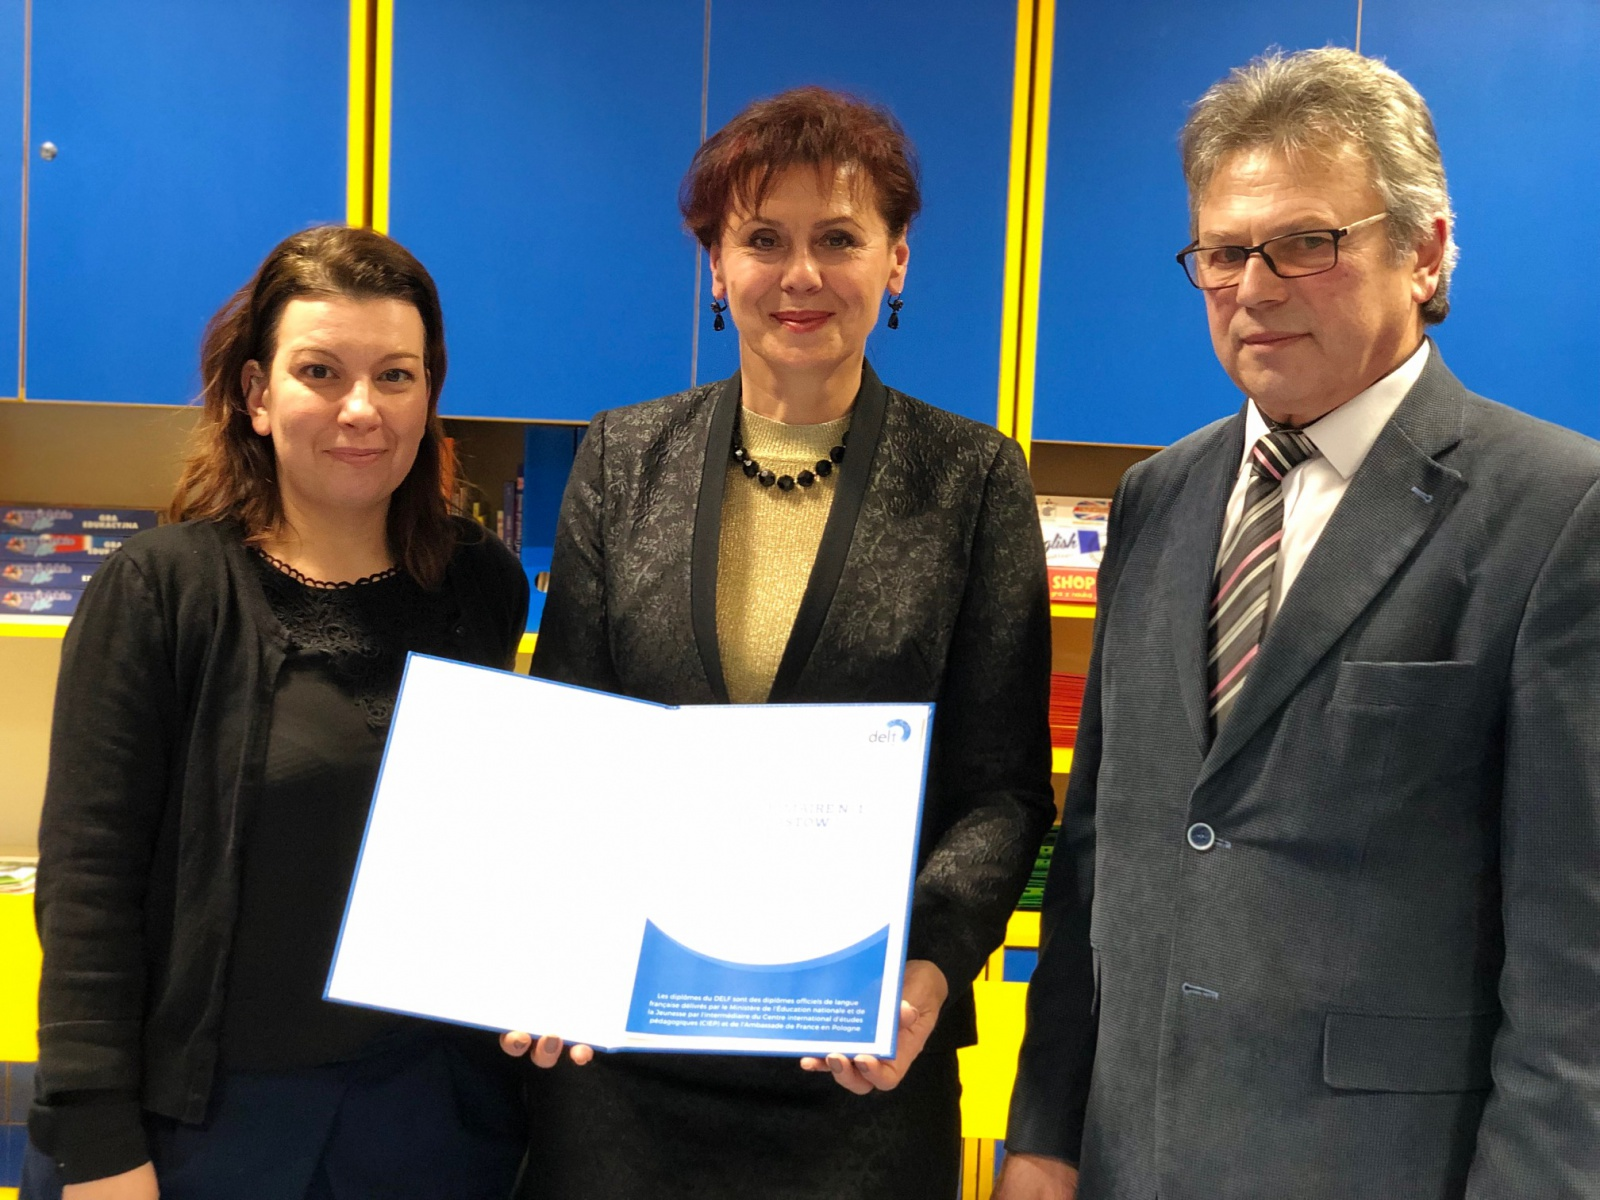 Inauguracja placówki egzaminacyjnej DELF w Piastowie